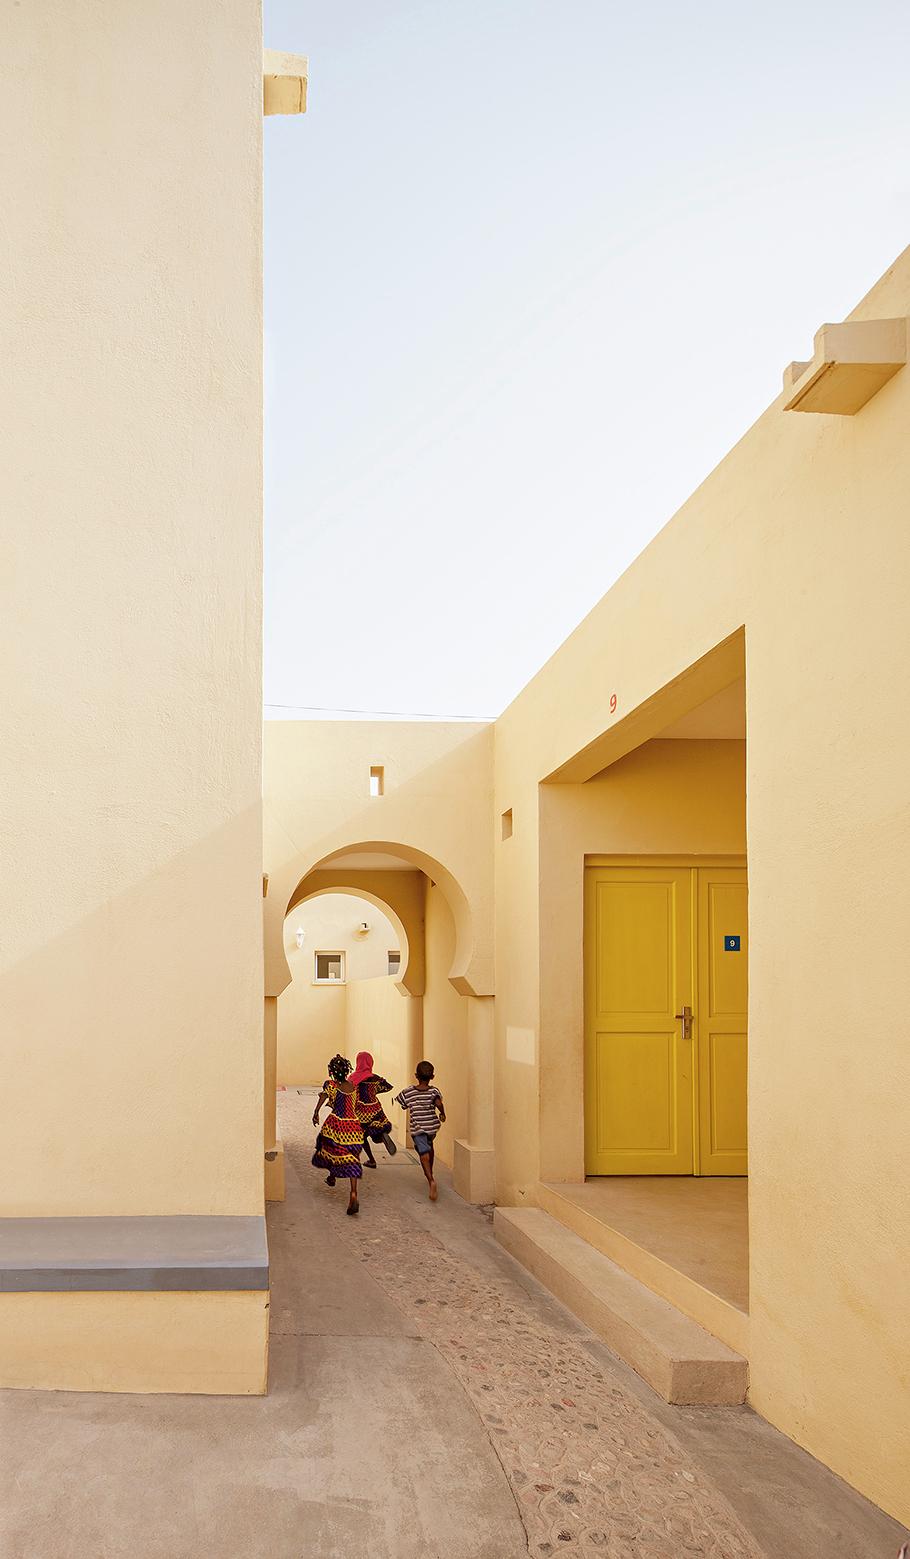 SOS_Village_Djibouti_-_Streets_(13).jpg